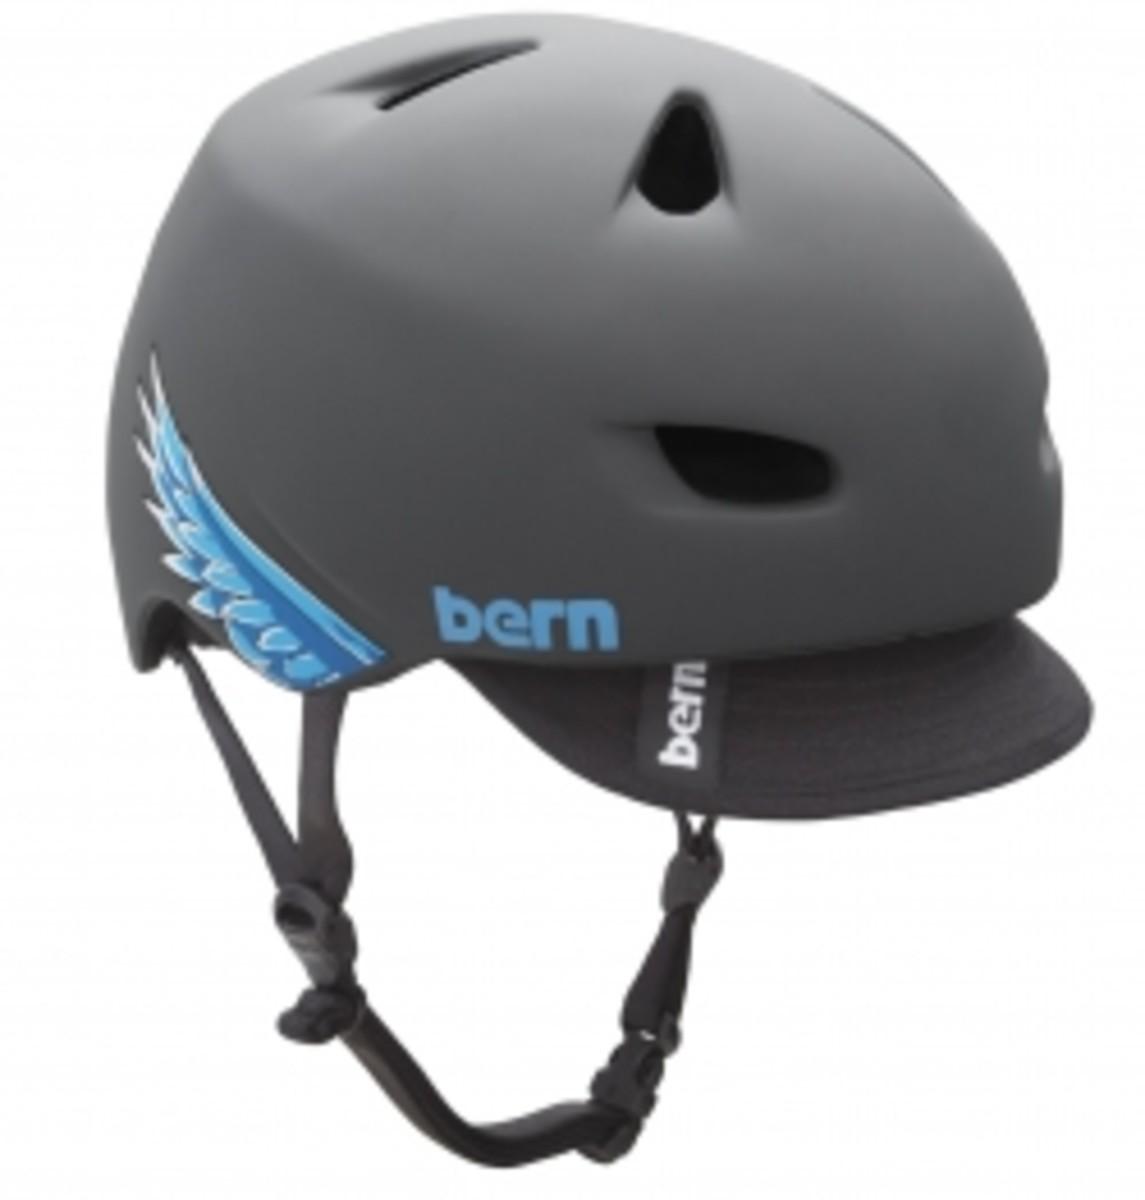 Bern bike helmets look like baseball caps